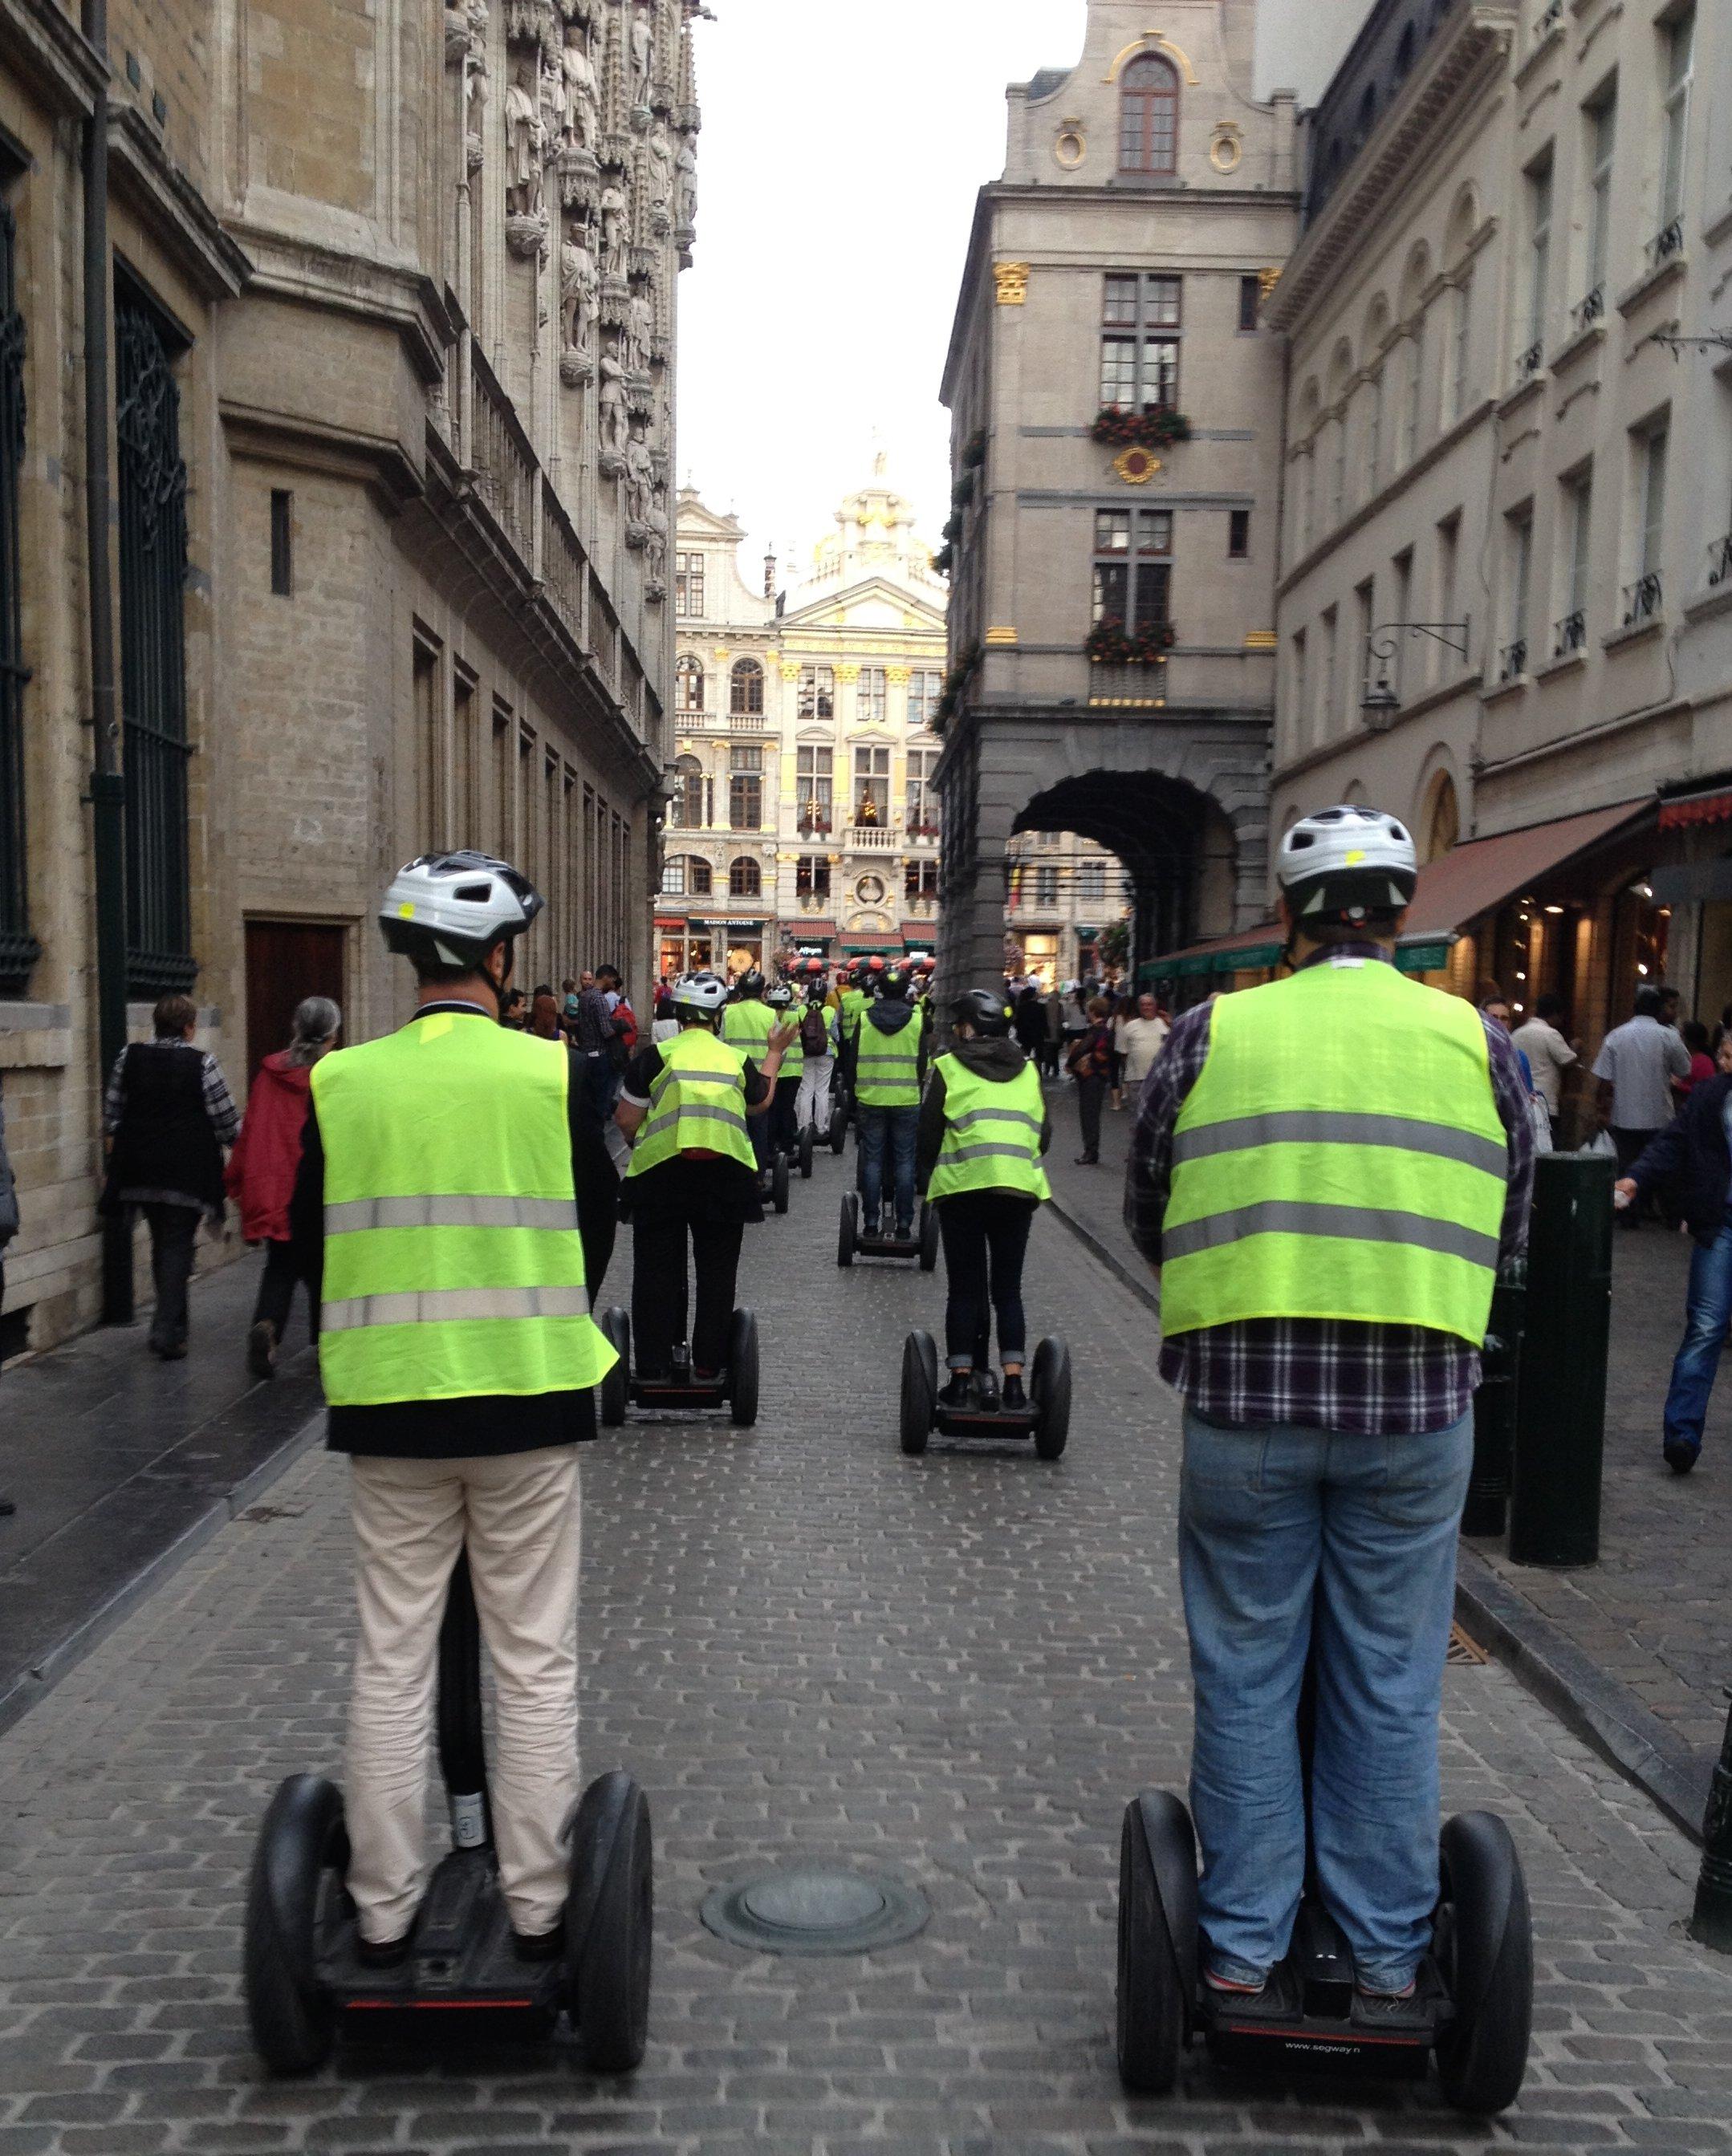 Segway Bruxelles | Brussels Segway